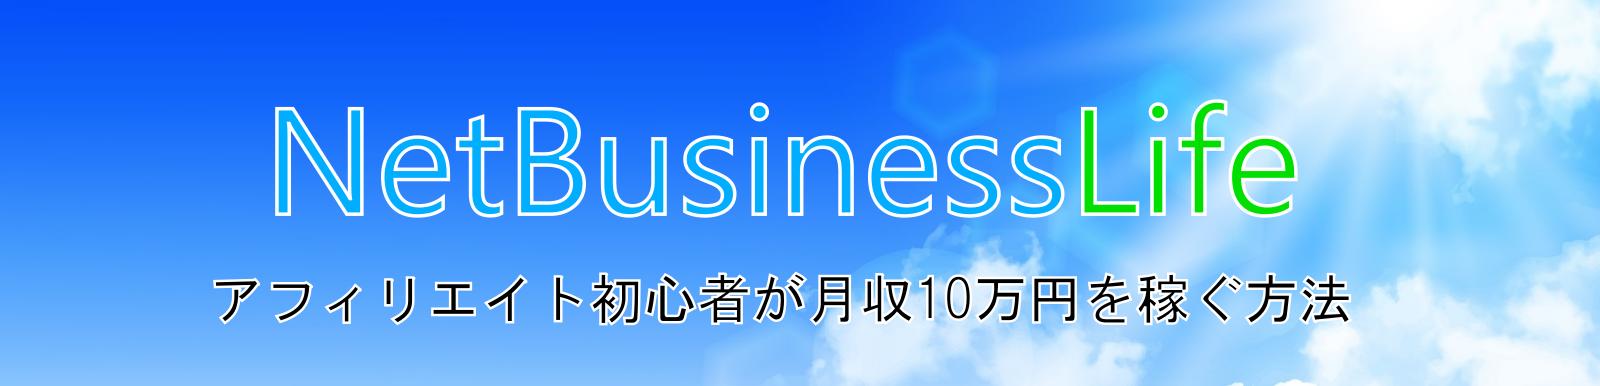 NetBusinessLife